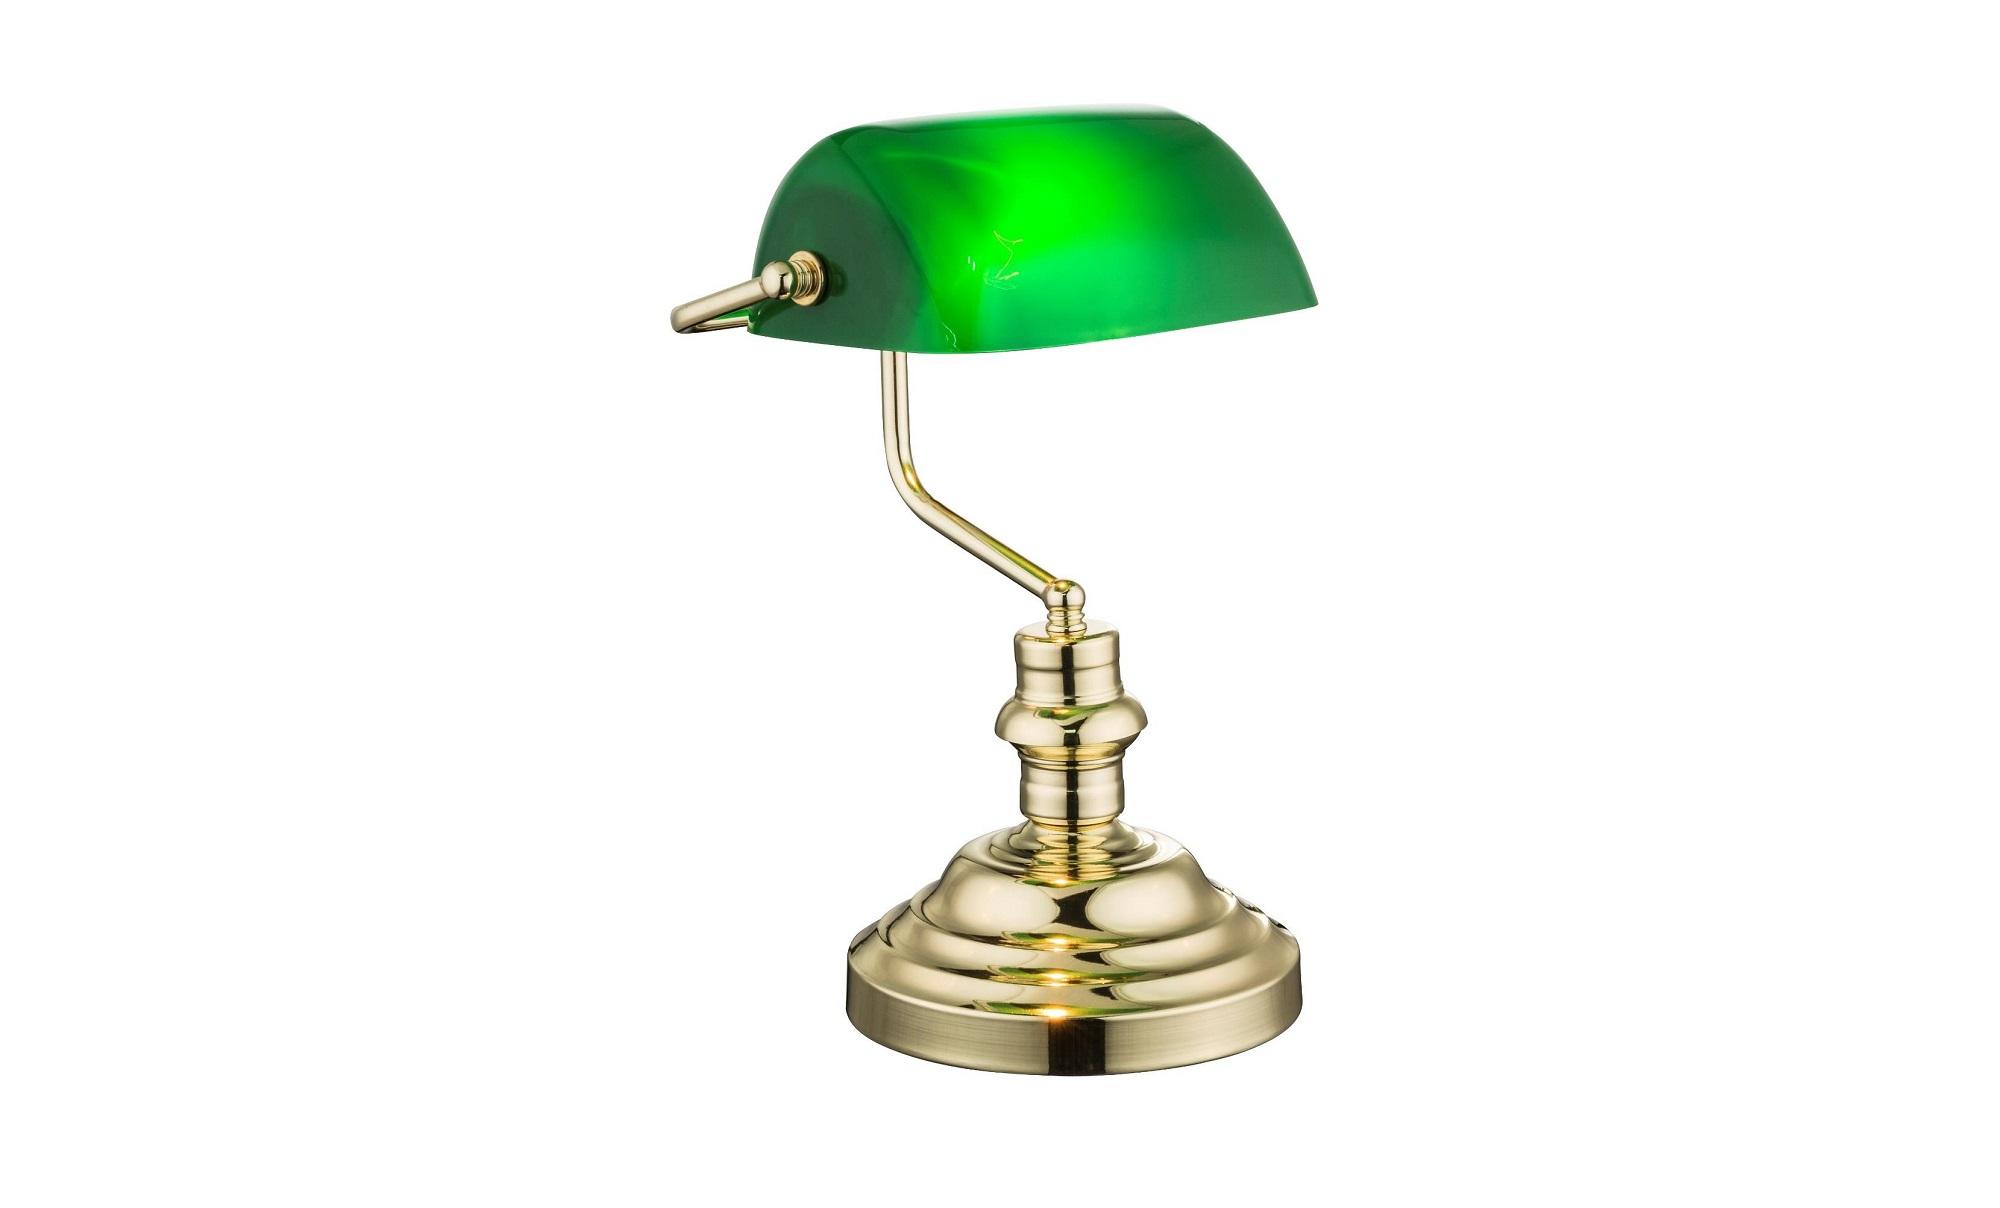 Настольная лампаДекоративные лампы<br>&amp;lt;div&amp;gt;Вид цоколя: E27&amp;lt;/div&amp;gt;&amp;lt;div&amp;gt;Мощность: 60W&amp;lt;/div&amp;gt;&amp;lt;div&amp;gt;Количество ламп: 1&amp;lt;/div&amp;gt;&amp;lt;div&amp;gt;&amp;lt;br&amp;gt;&amp;lt;/div&amp;gt;&amp;lt;div&amp;gt;Материал: металл, акрил&amp;lt;/div&amp;gt;<br><br>Material: Металл<br>Width см: 26<br>Depth см: 19<br>Height см: 36